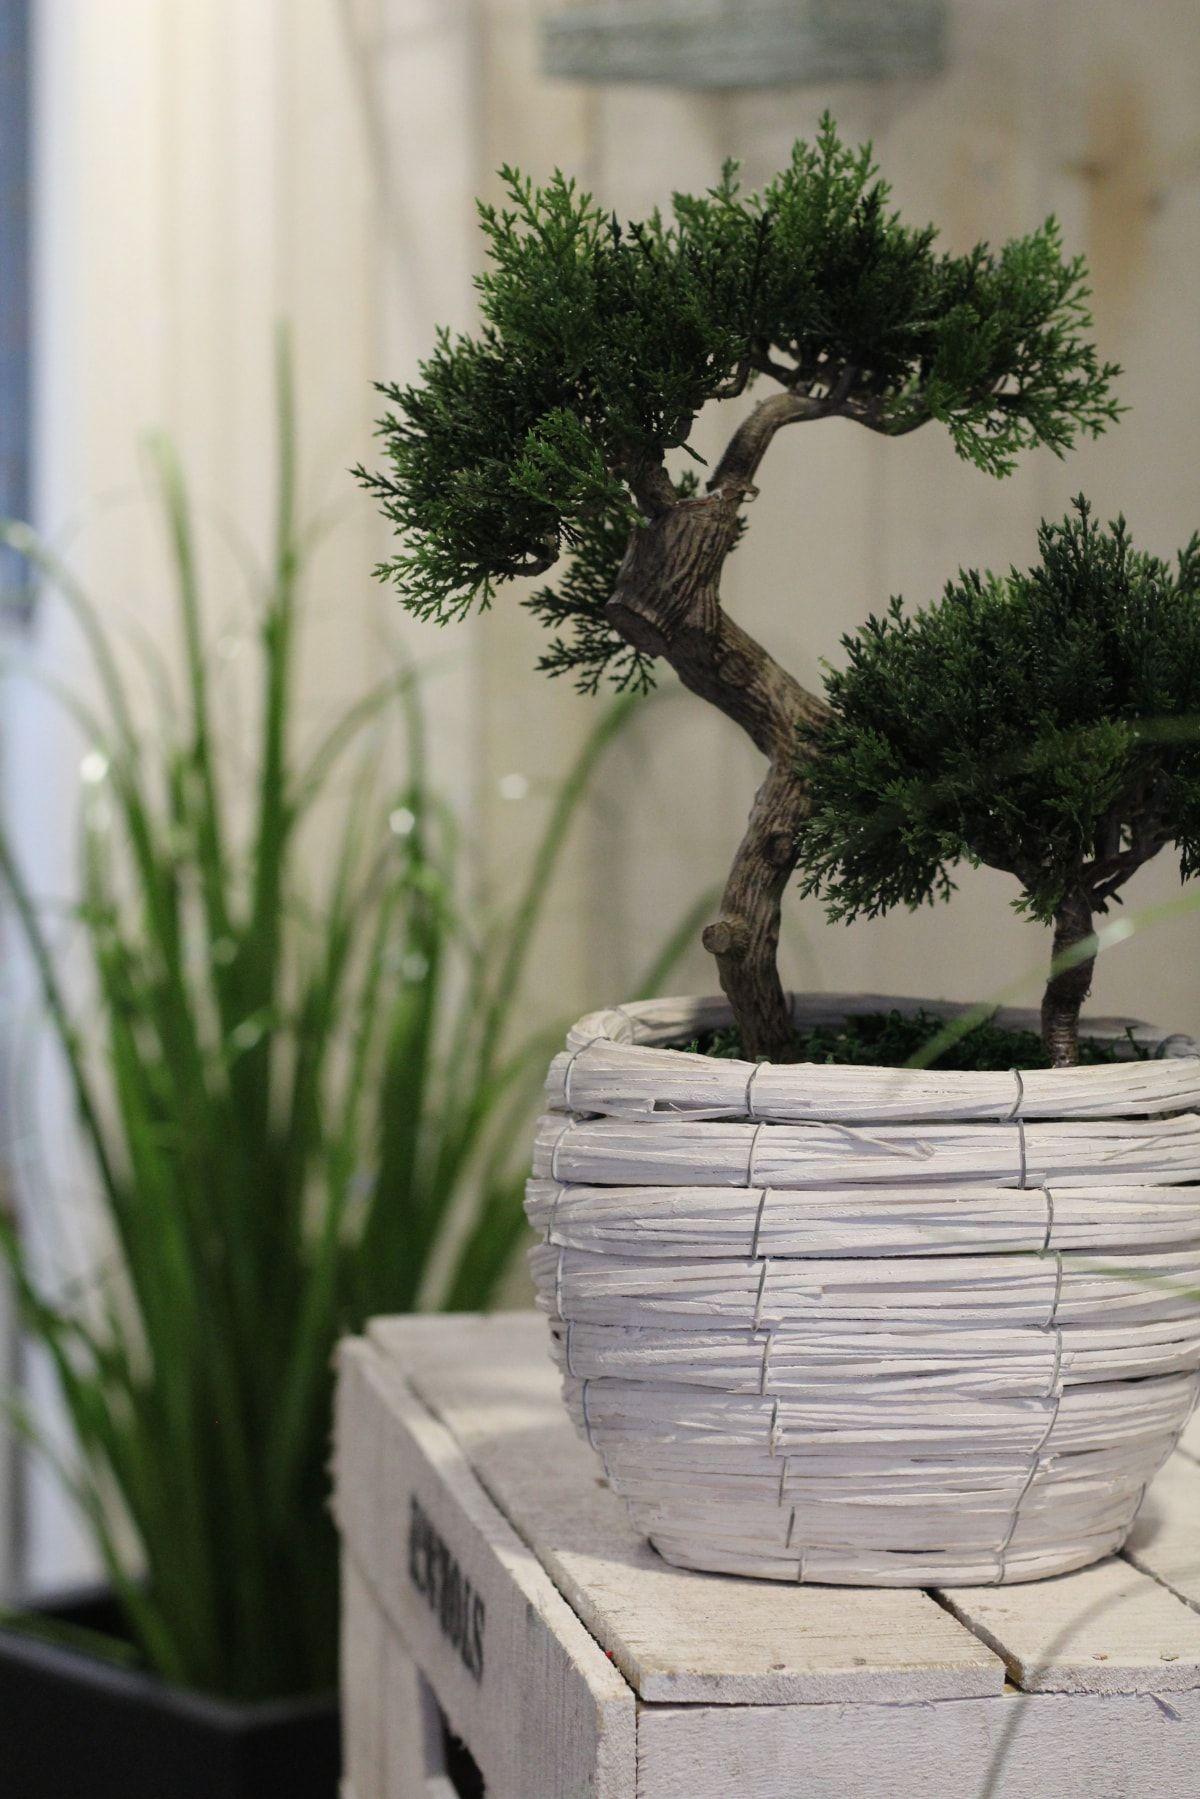 Alquiler de plantas para eventos